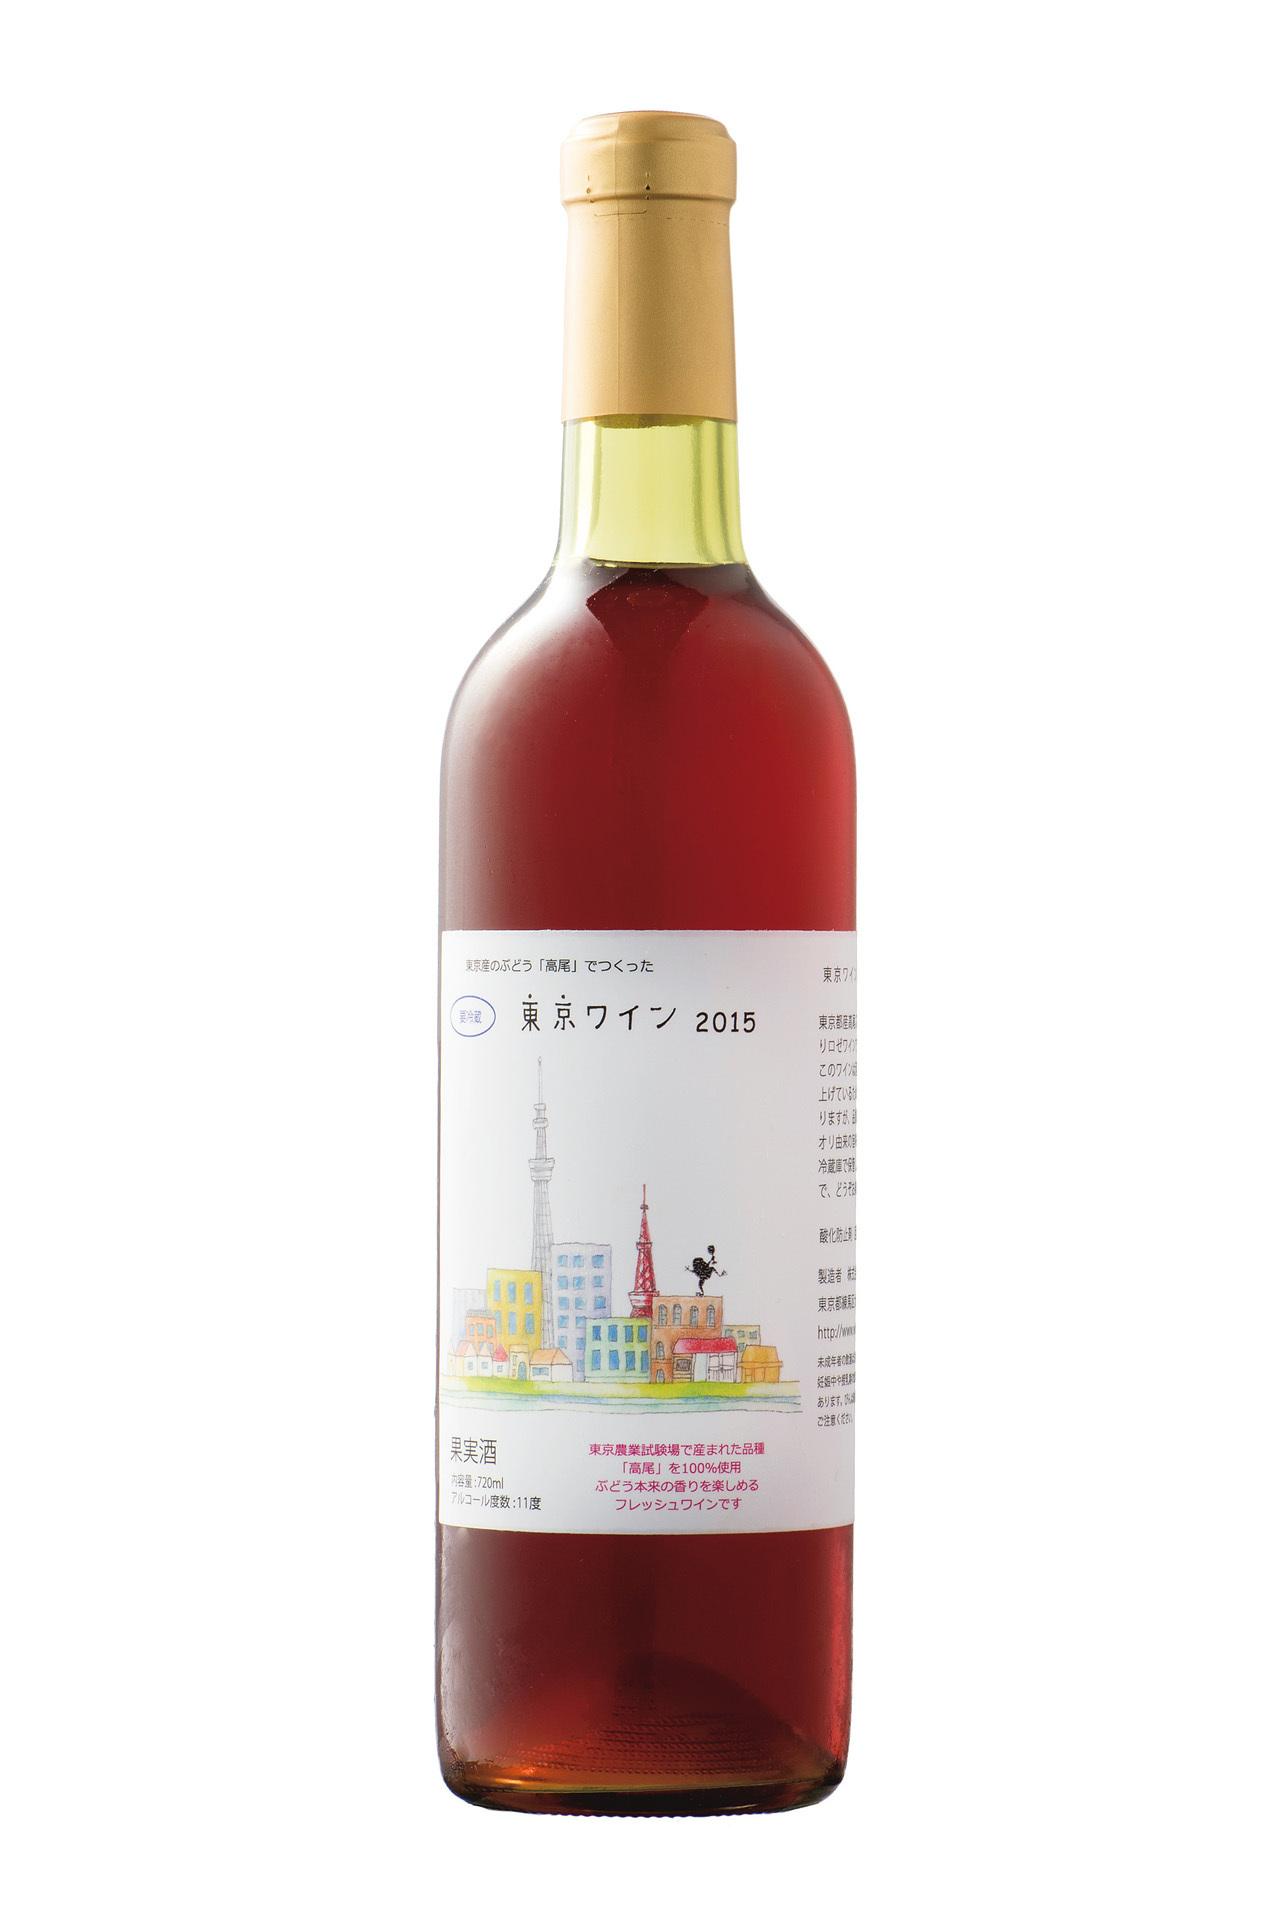 「手づくり」にこだわった東京ワイナリーの「東京ワイン 高尾ロゼ 2015」_1_2